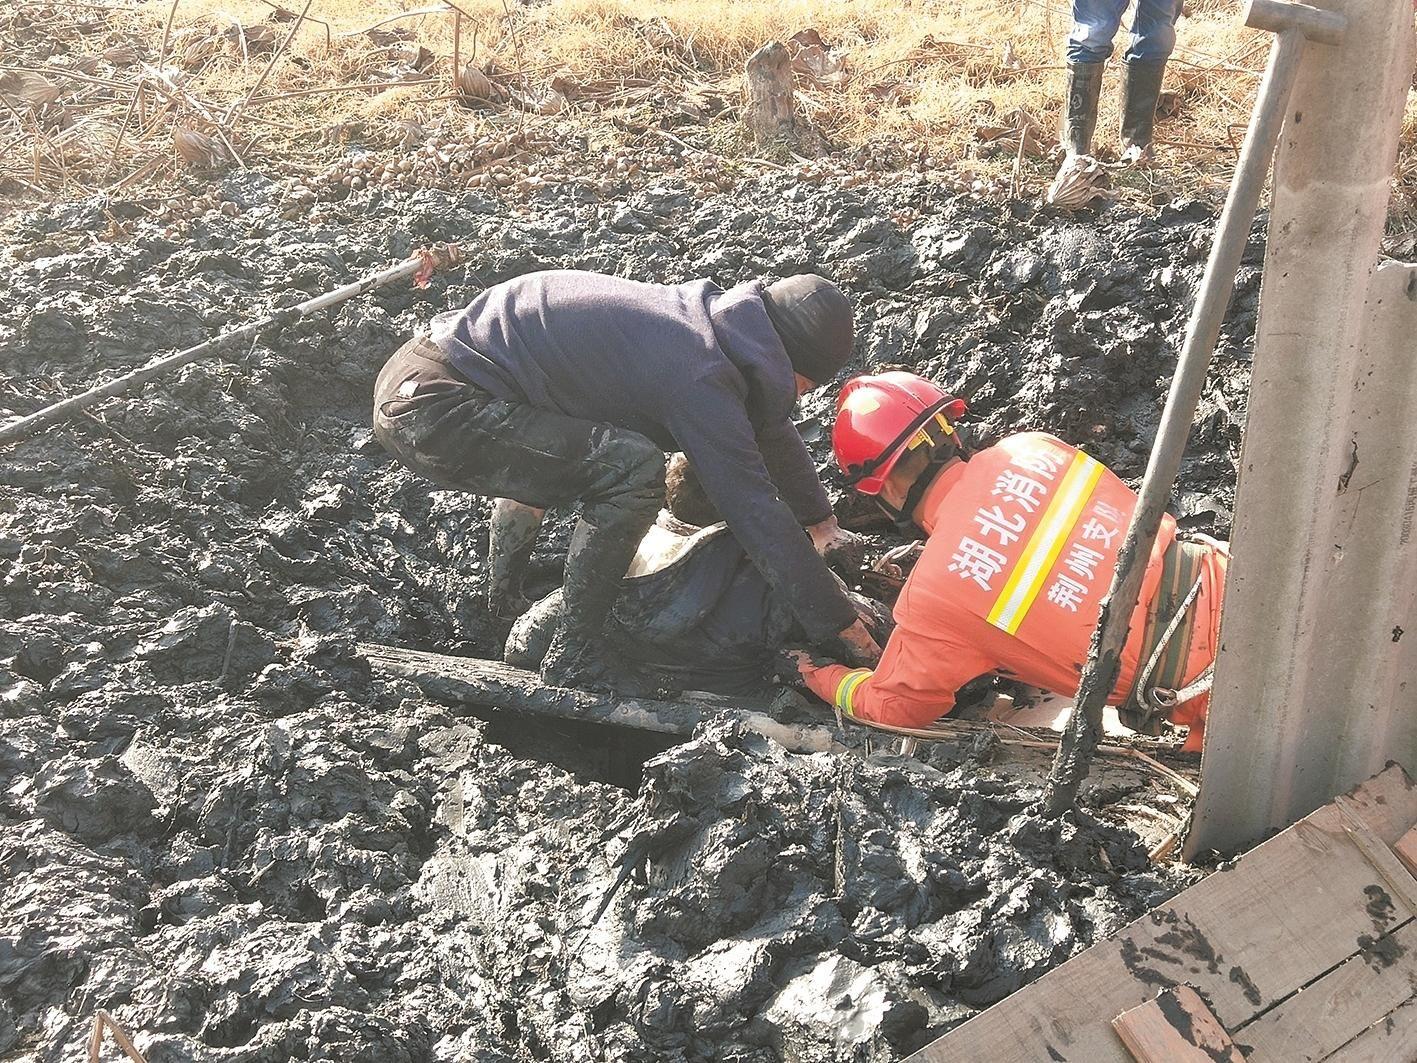 老汉挖藕身陷泥中 消防员徒手刨泥救人